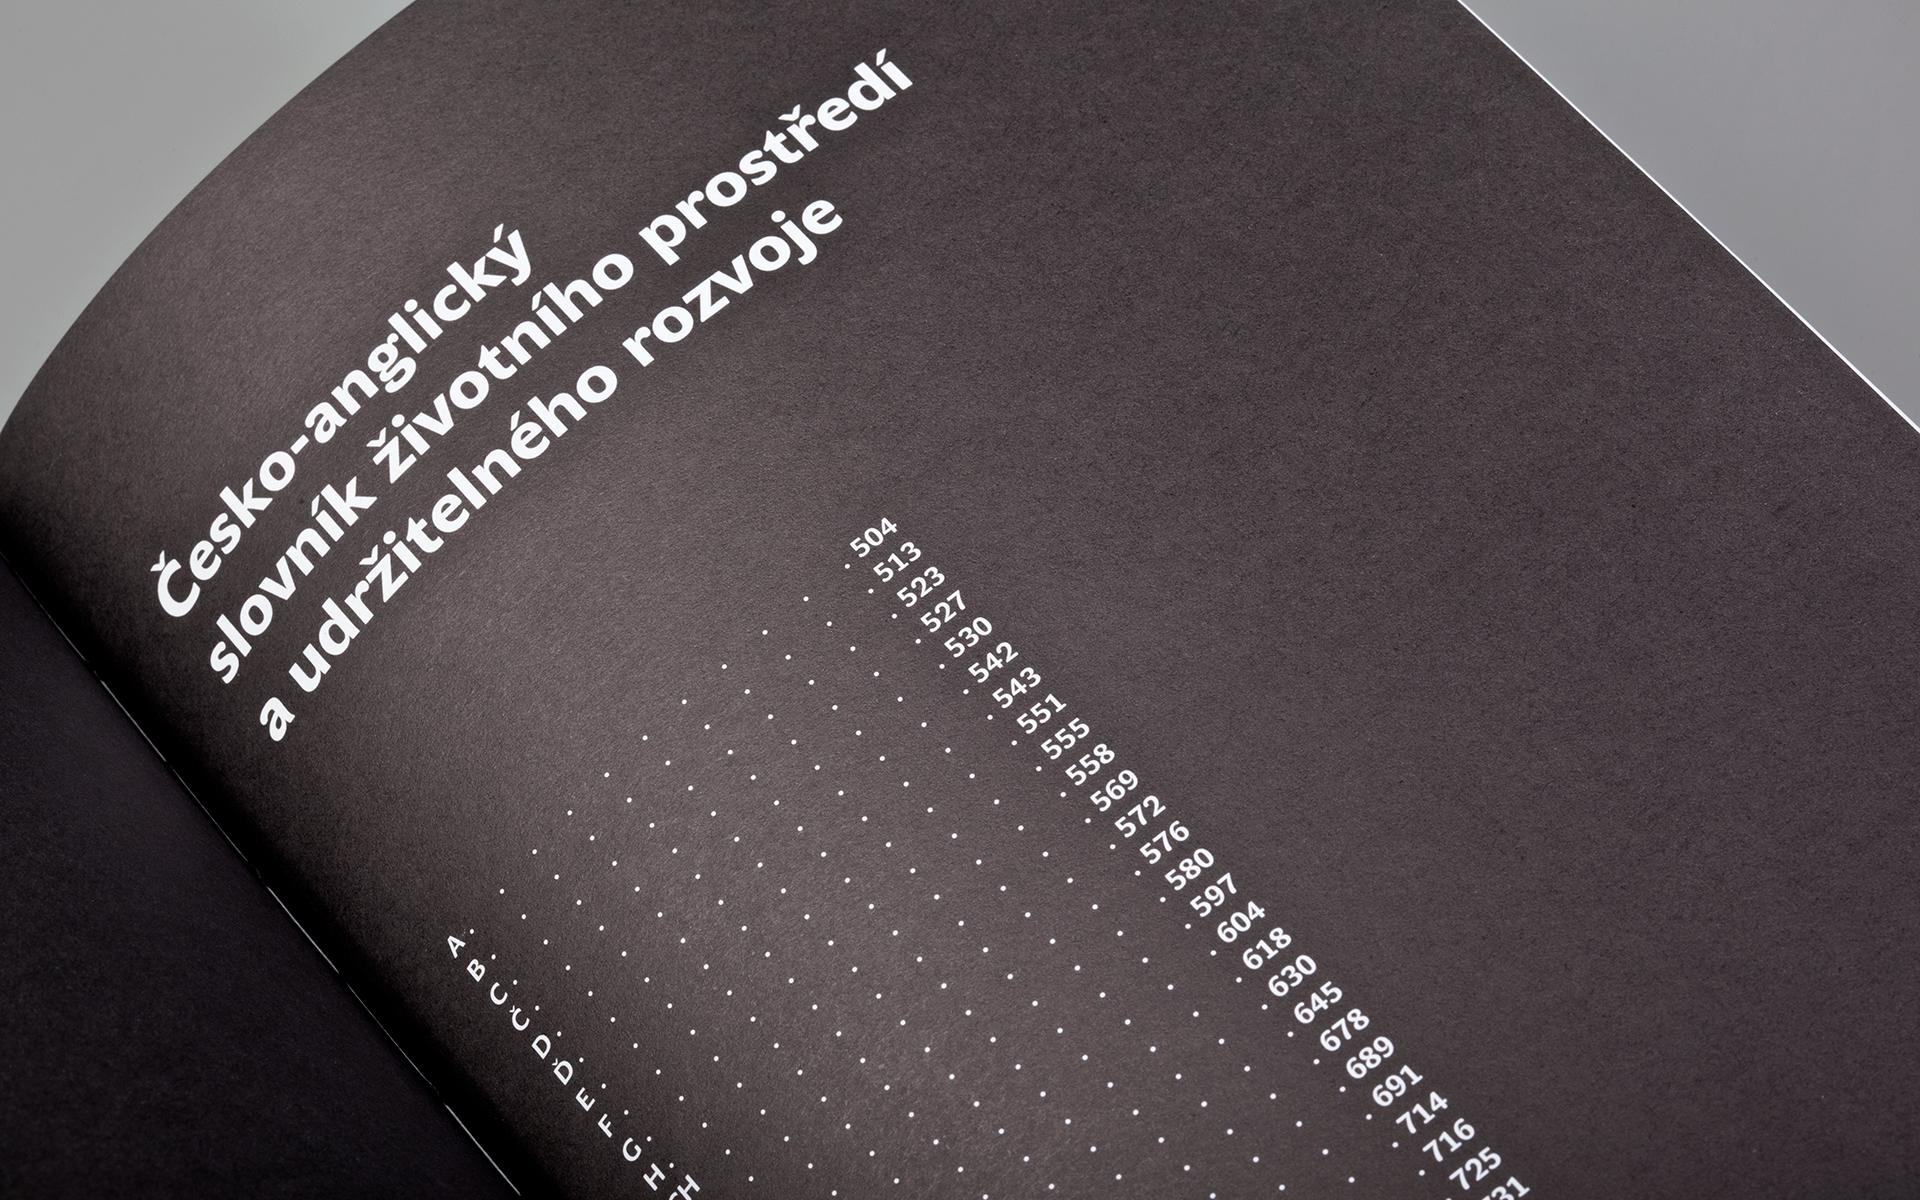 2010-SFZP-slovnik-ukazka-atypicke-strany-MG_1663